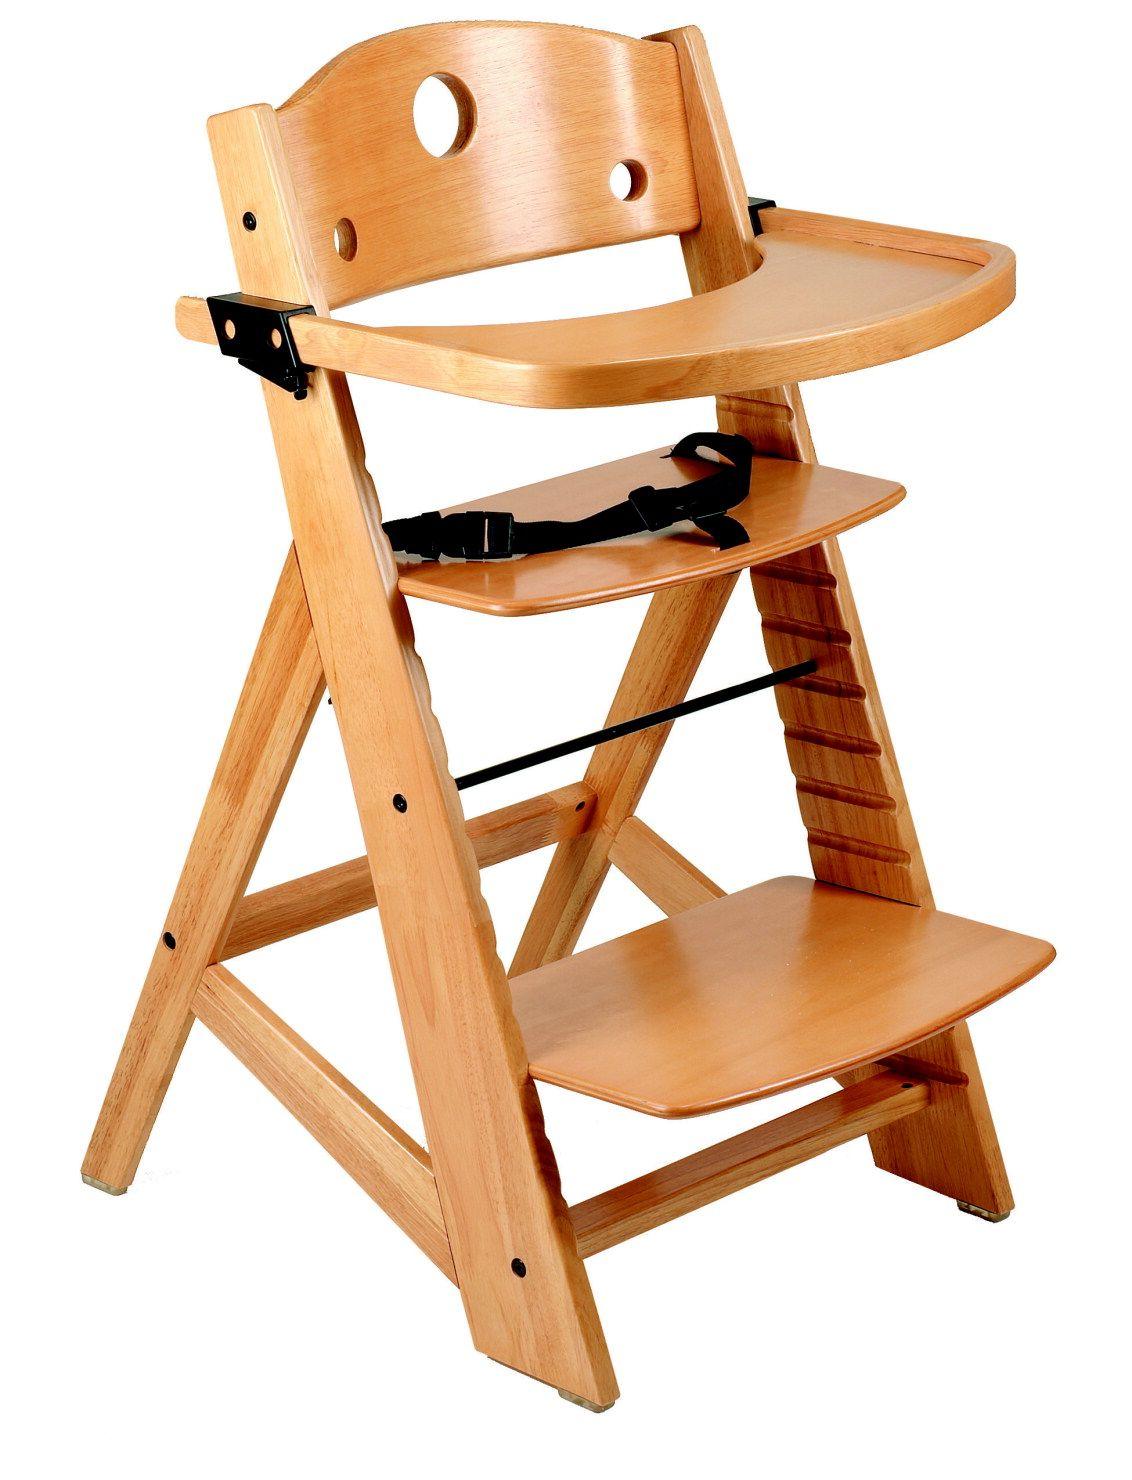 Der Svan Hochstuhl Ist Ein Windiger Alleskonner Dessen Gebogenes Holz Die Stufenlose Einstellung Von Sitzhohe Und Tiefe Wie